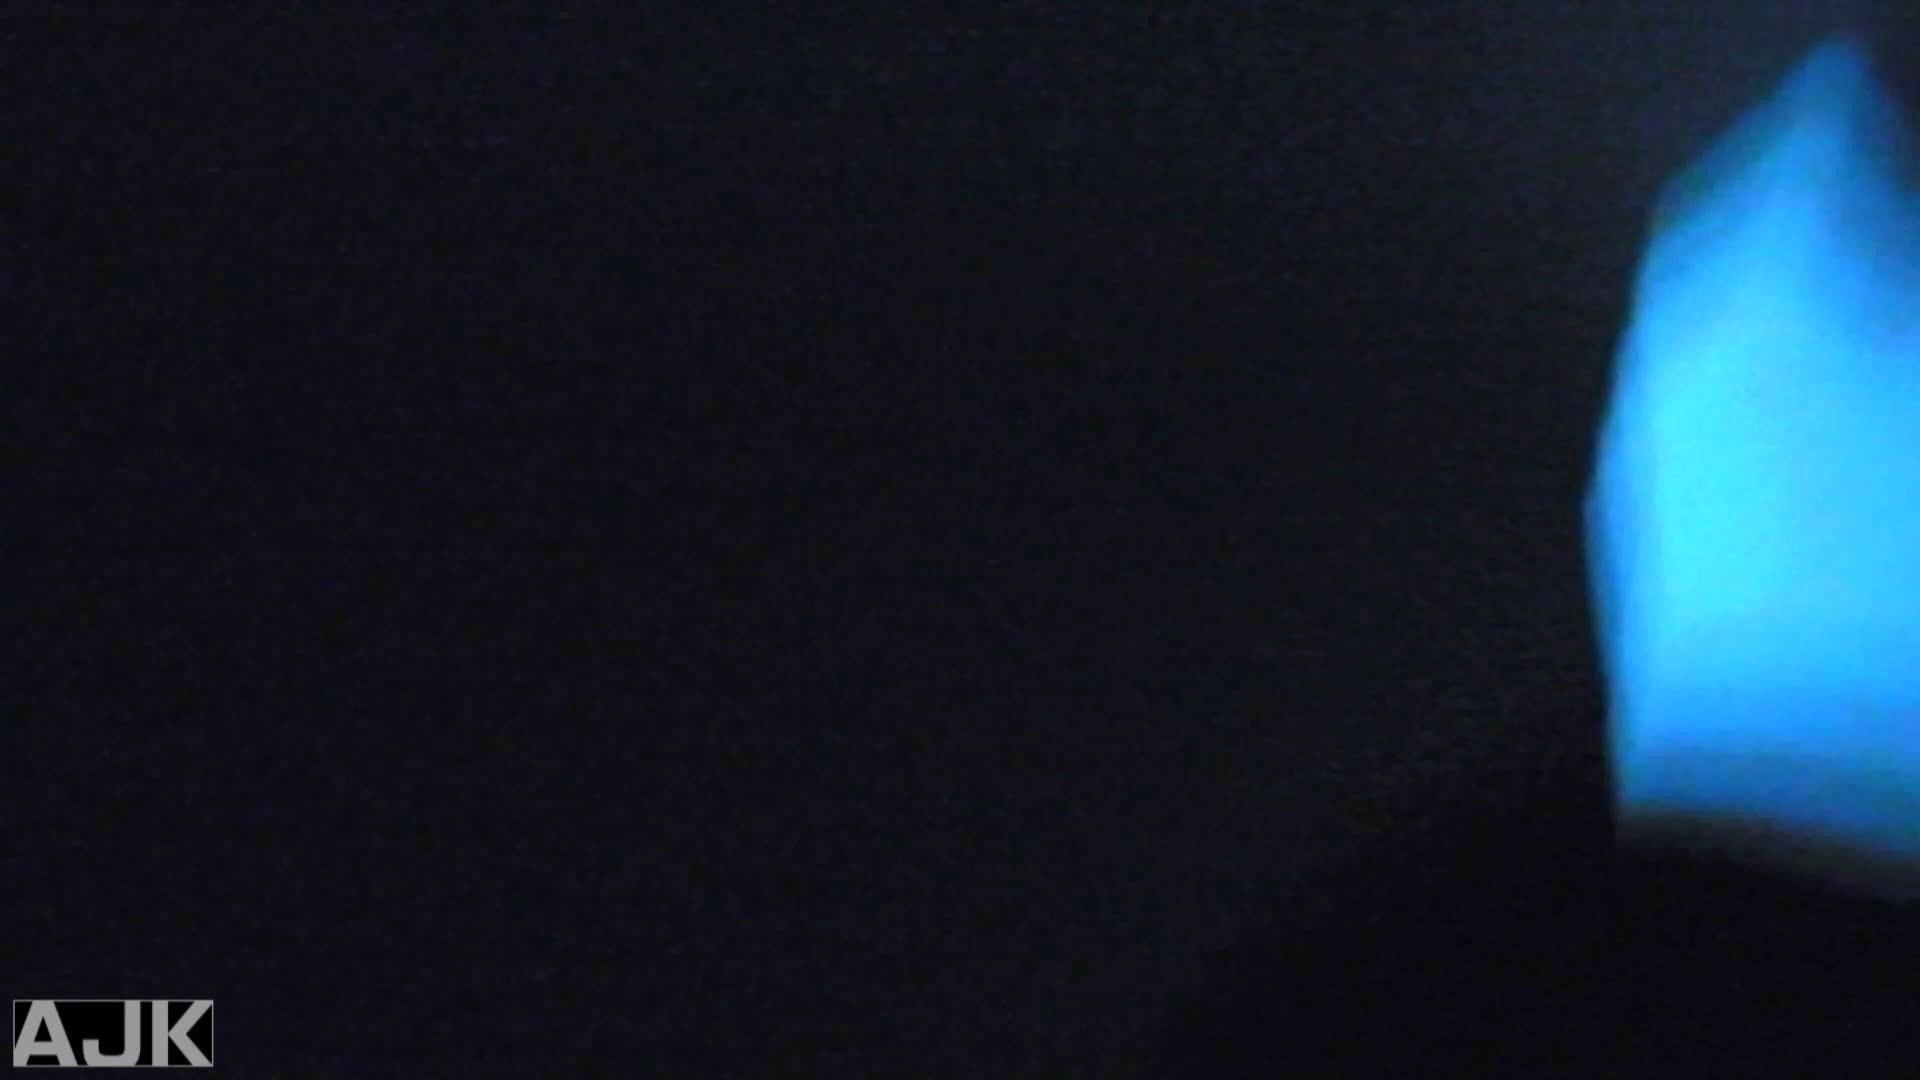 神降臨!史上最強の潜入かわや! vol.17 美女 おまんこ動画流出 34連発 6